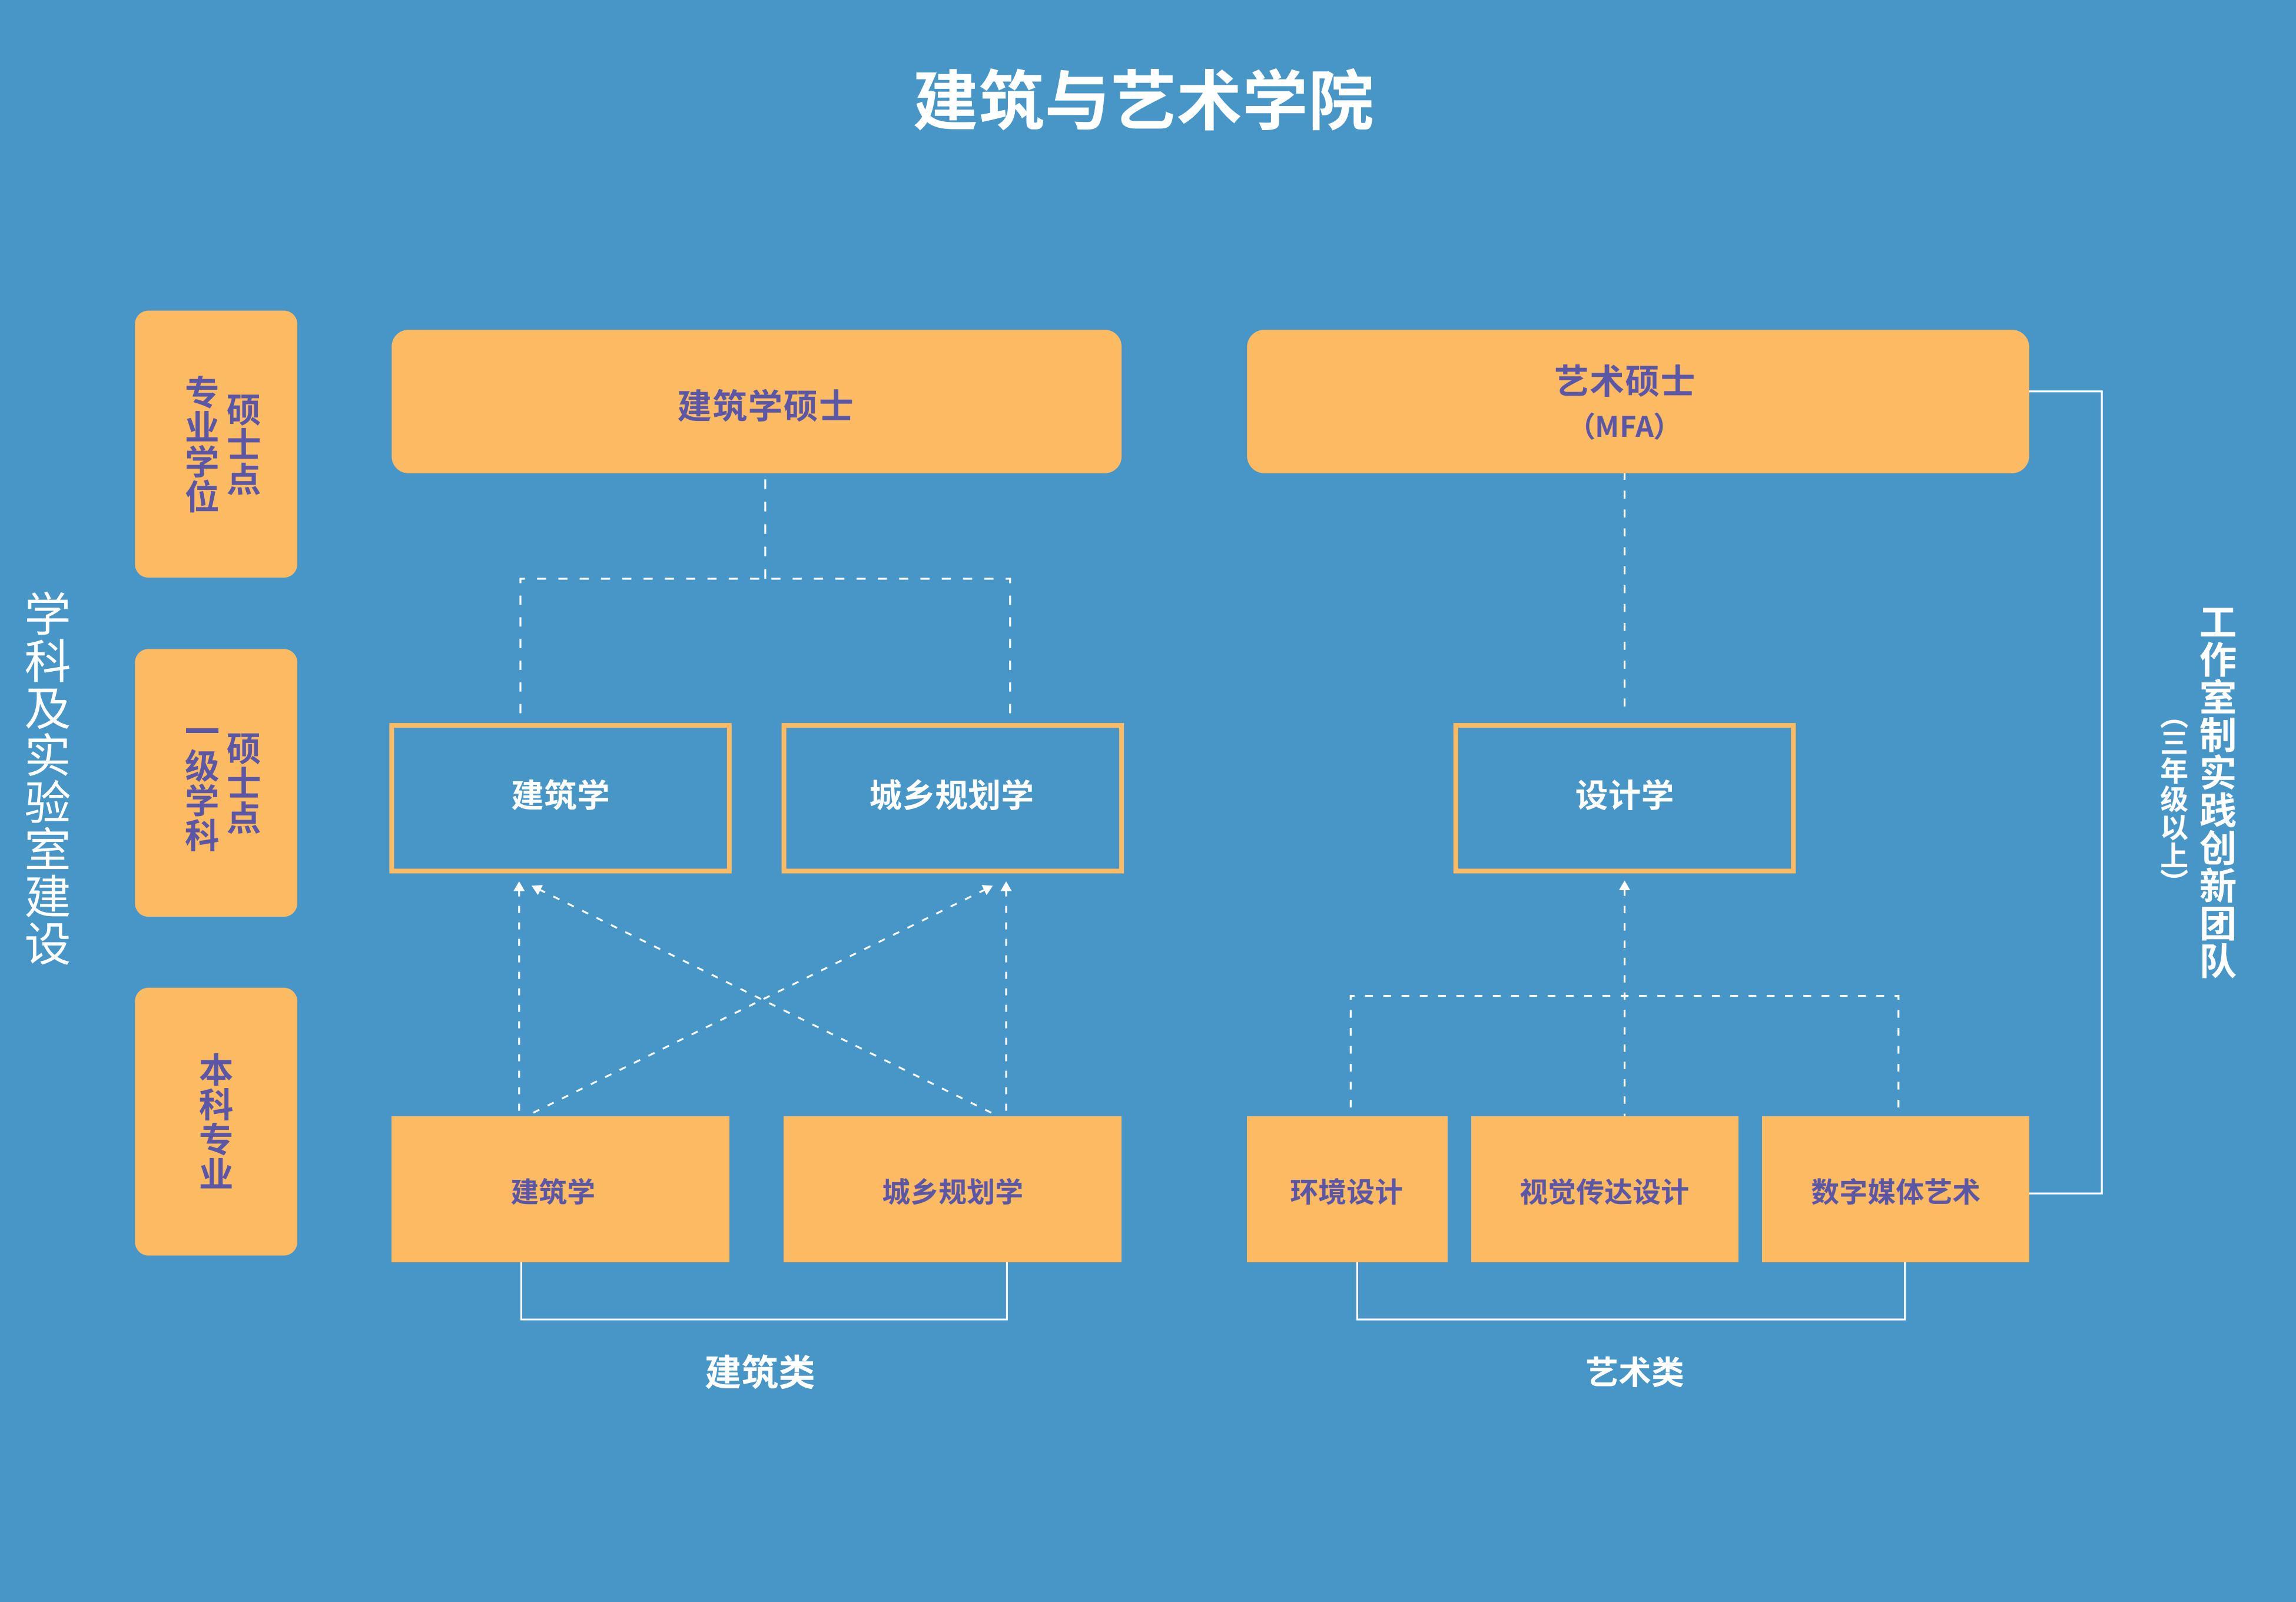 交大框图 7-16_04.jpg